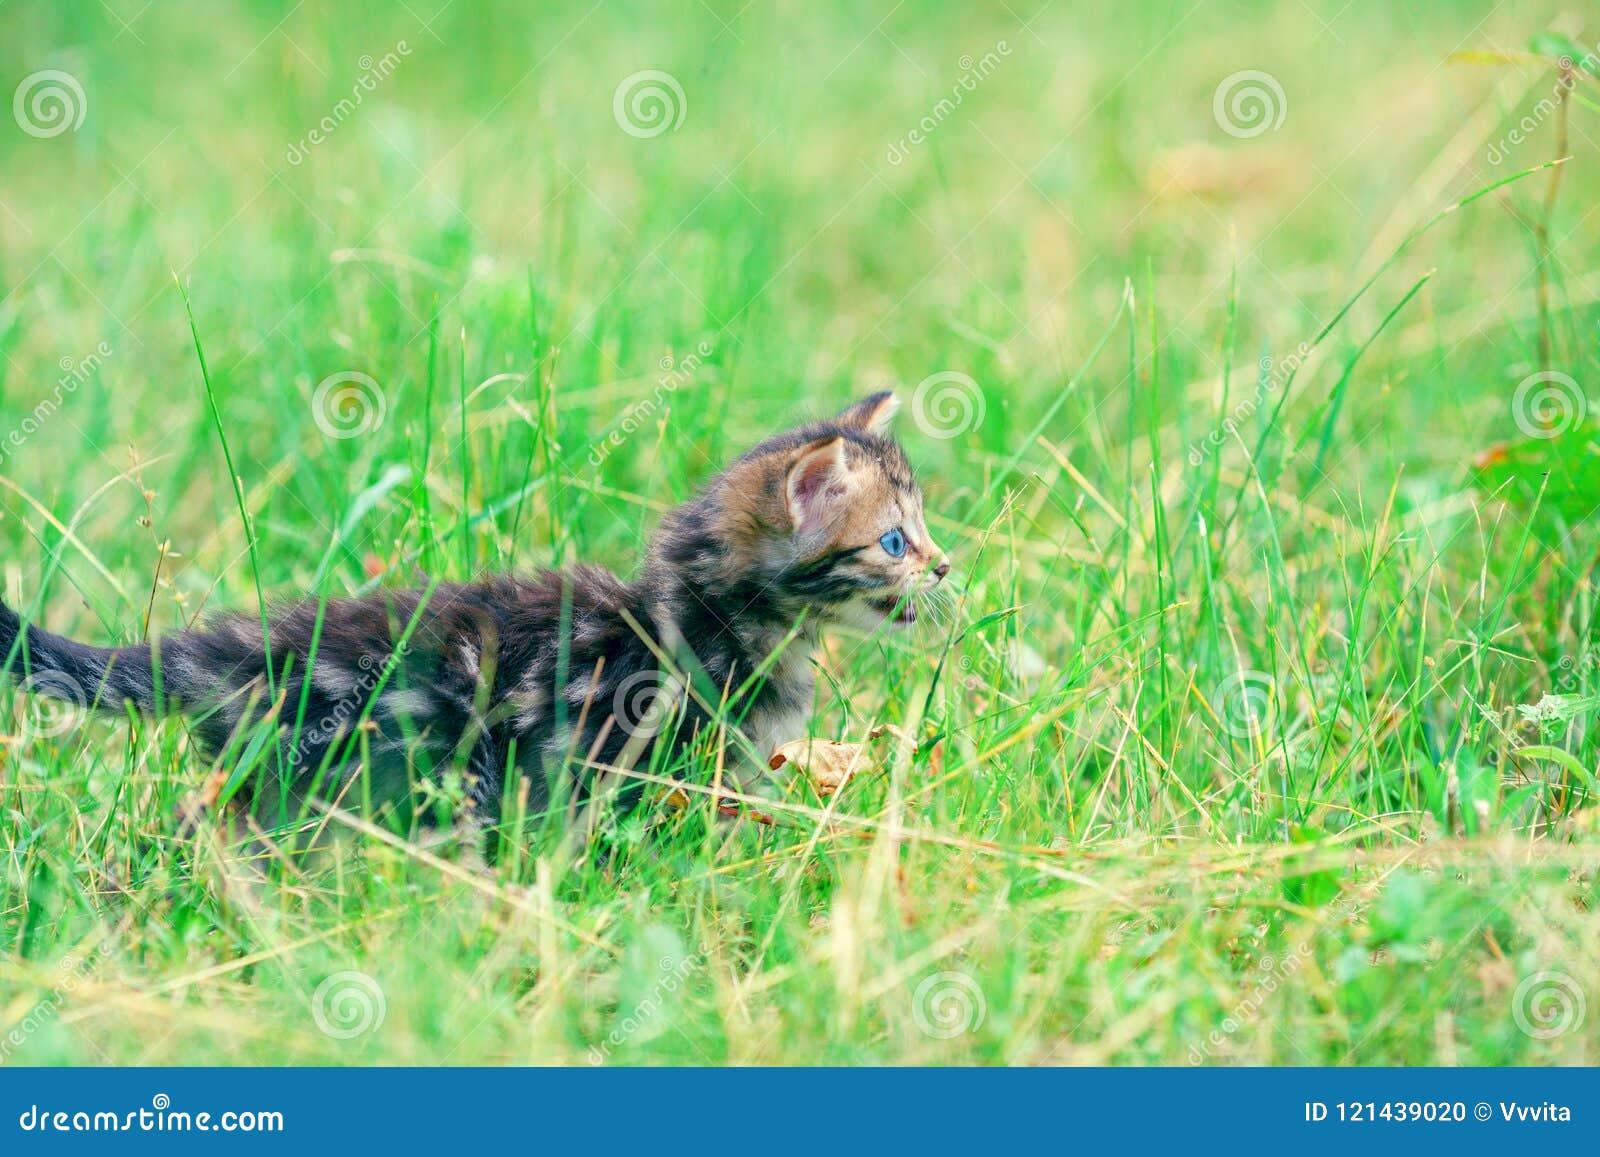 Kitten walking on the grass